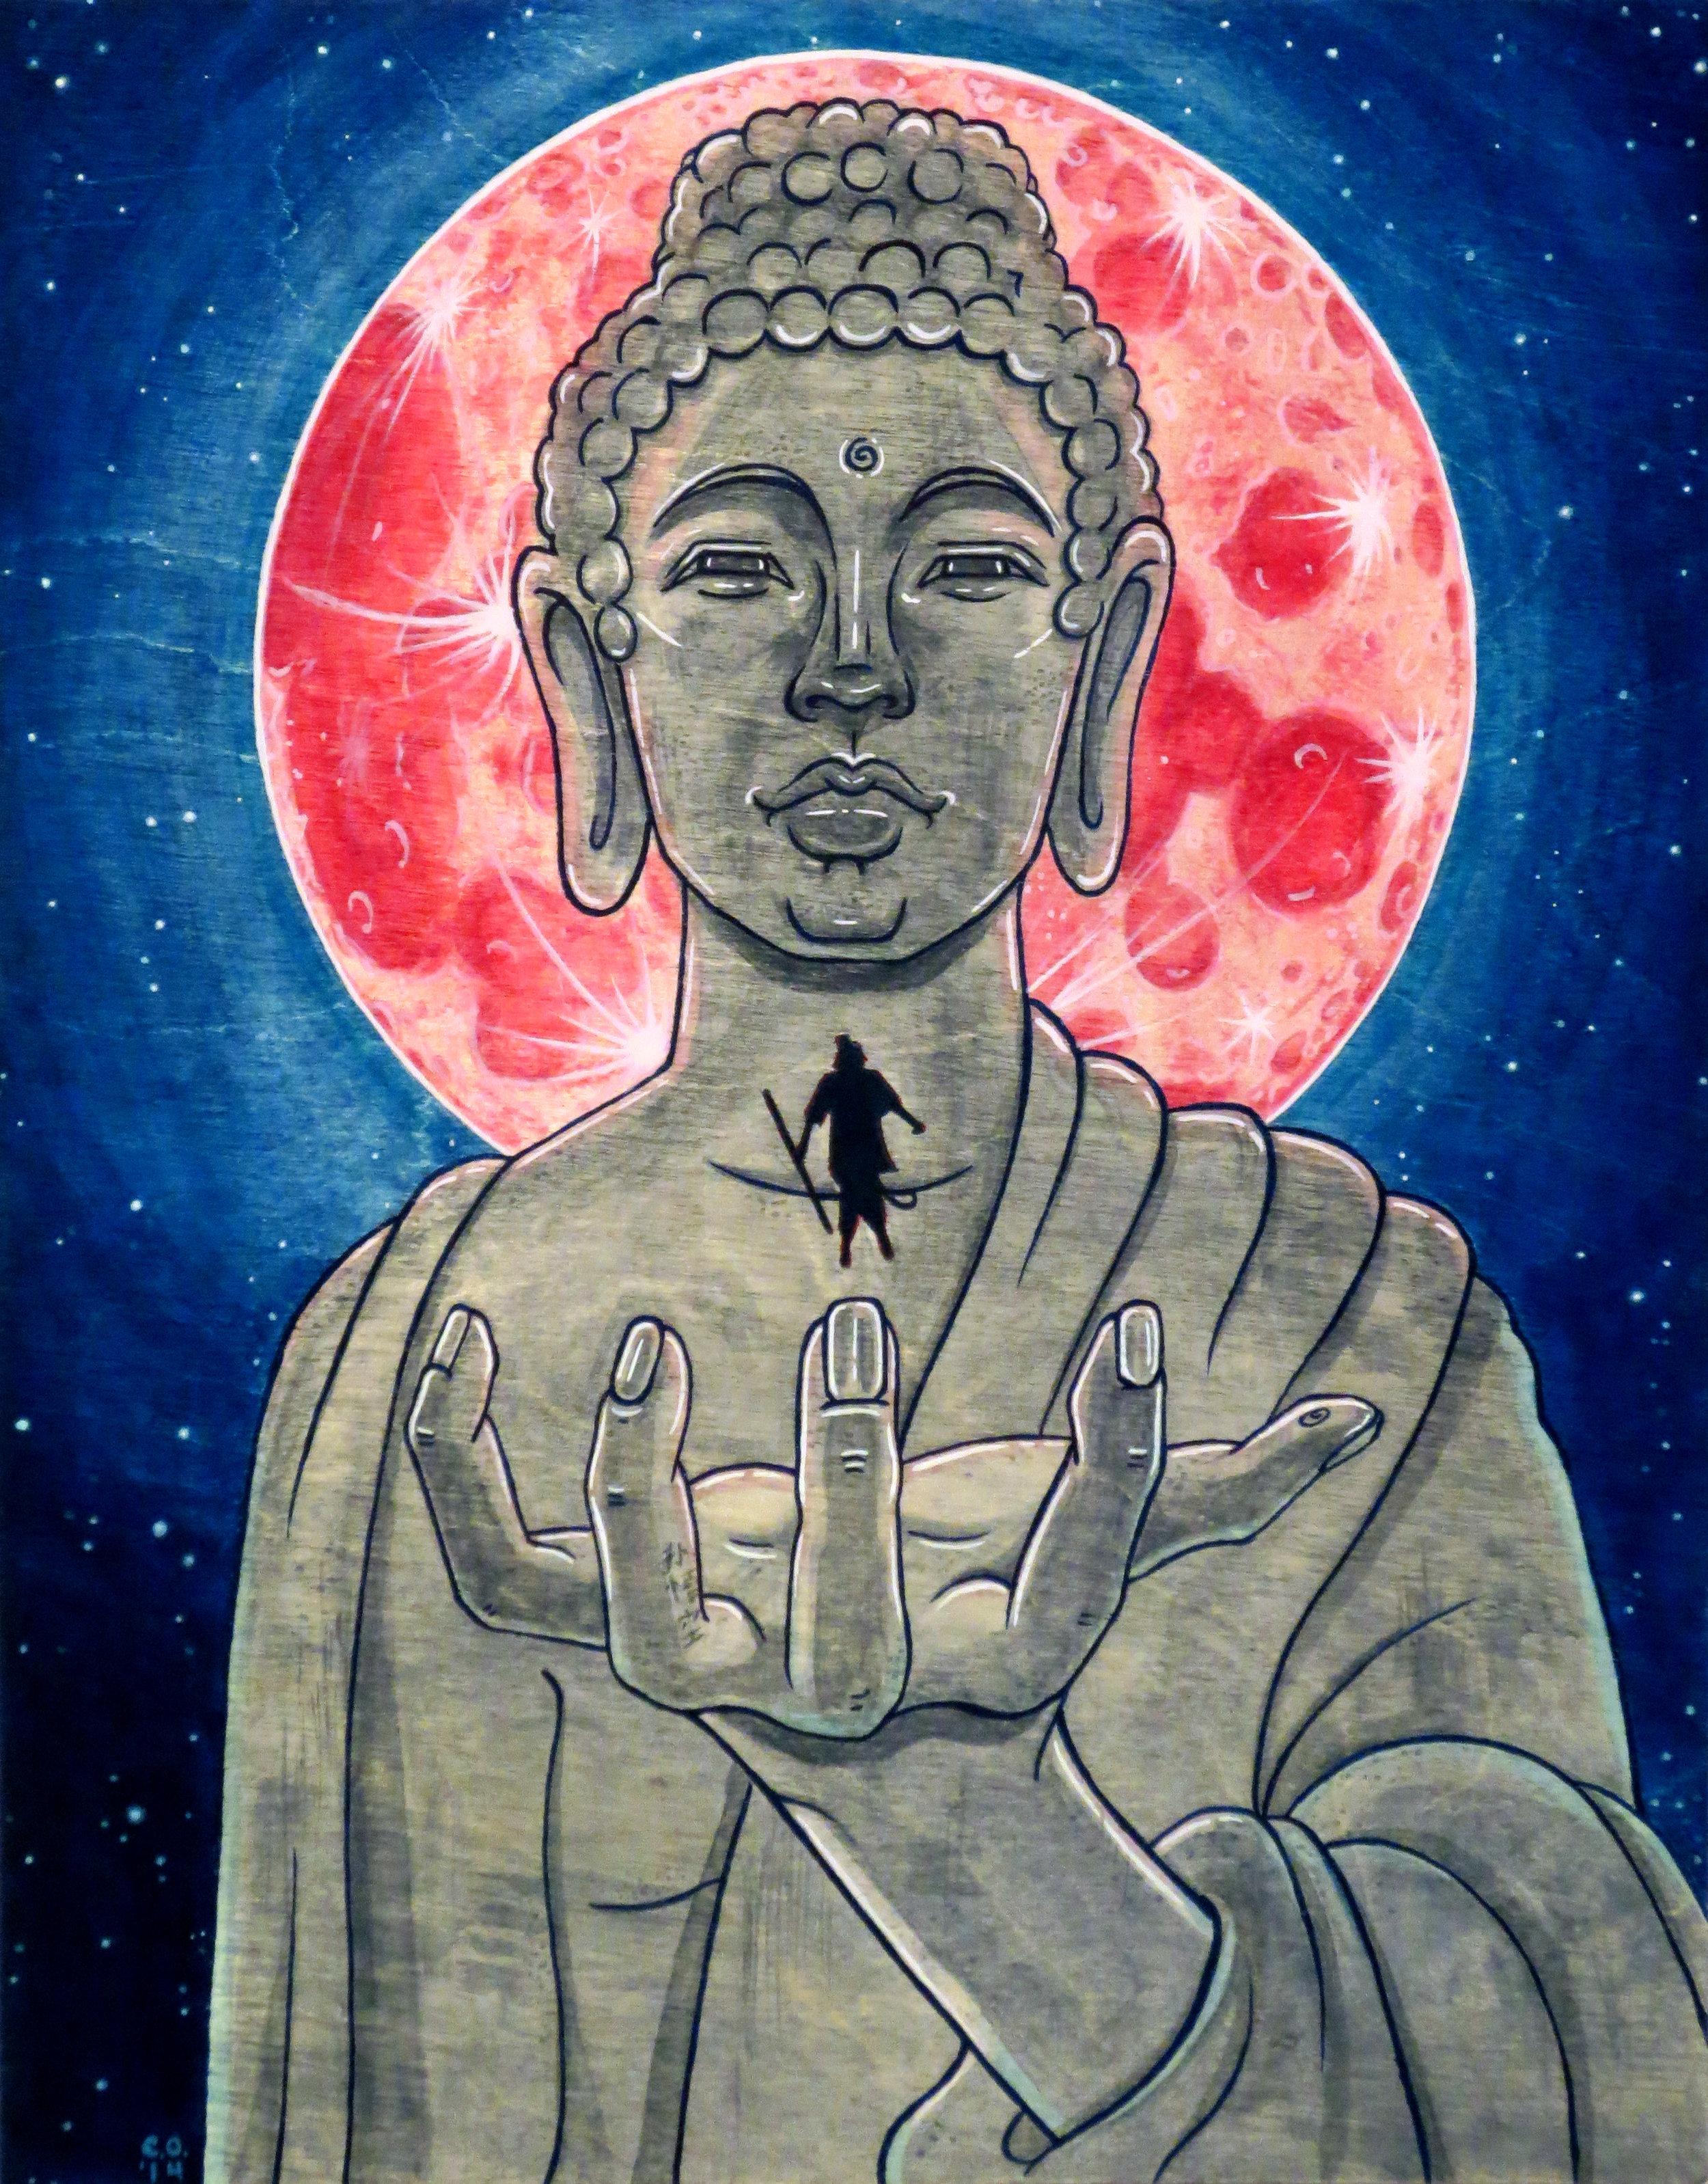 Buddha and Monkey, 2014 Christina Oliva